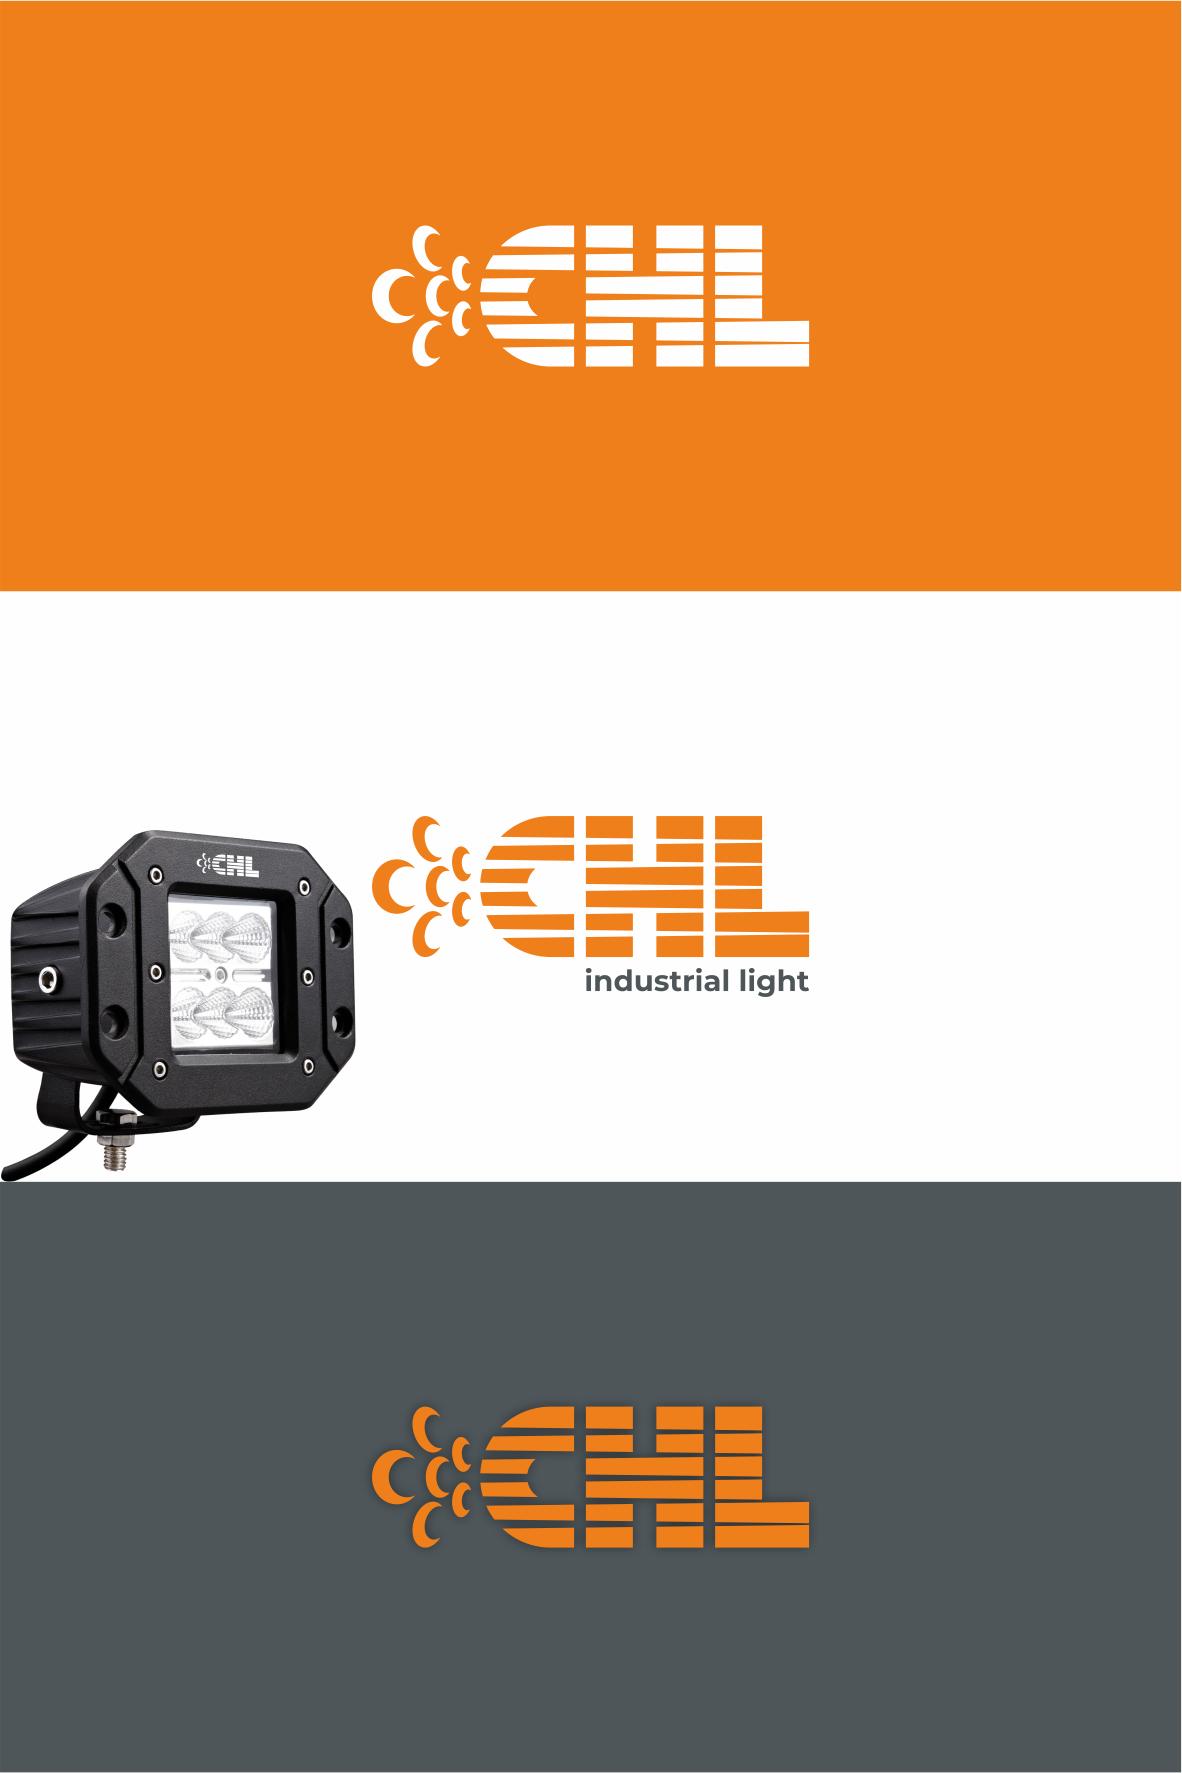 разработка логотипа для производителя фар фото f_7225f5f55bd45907.png